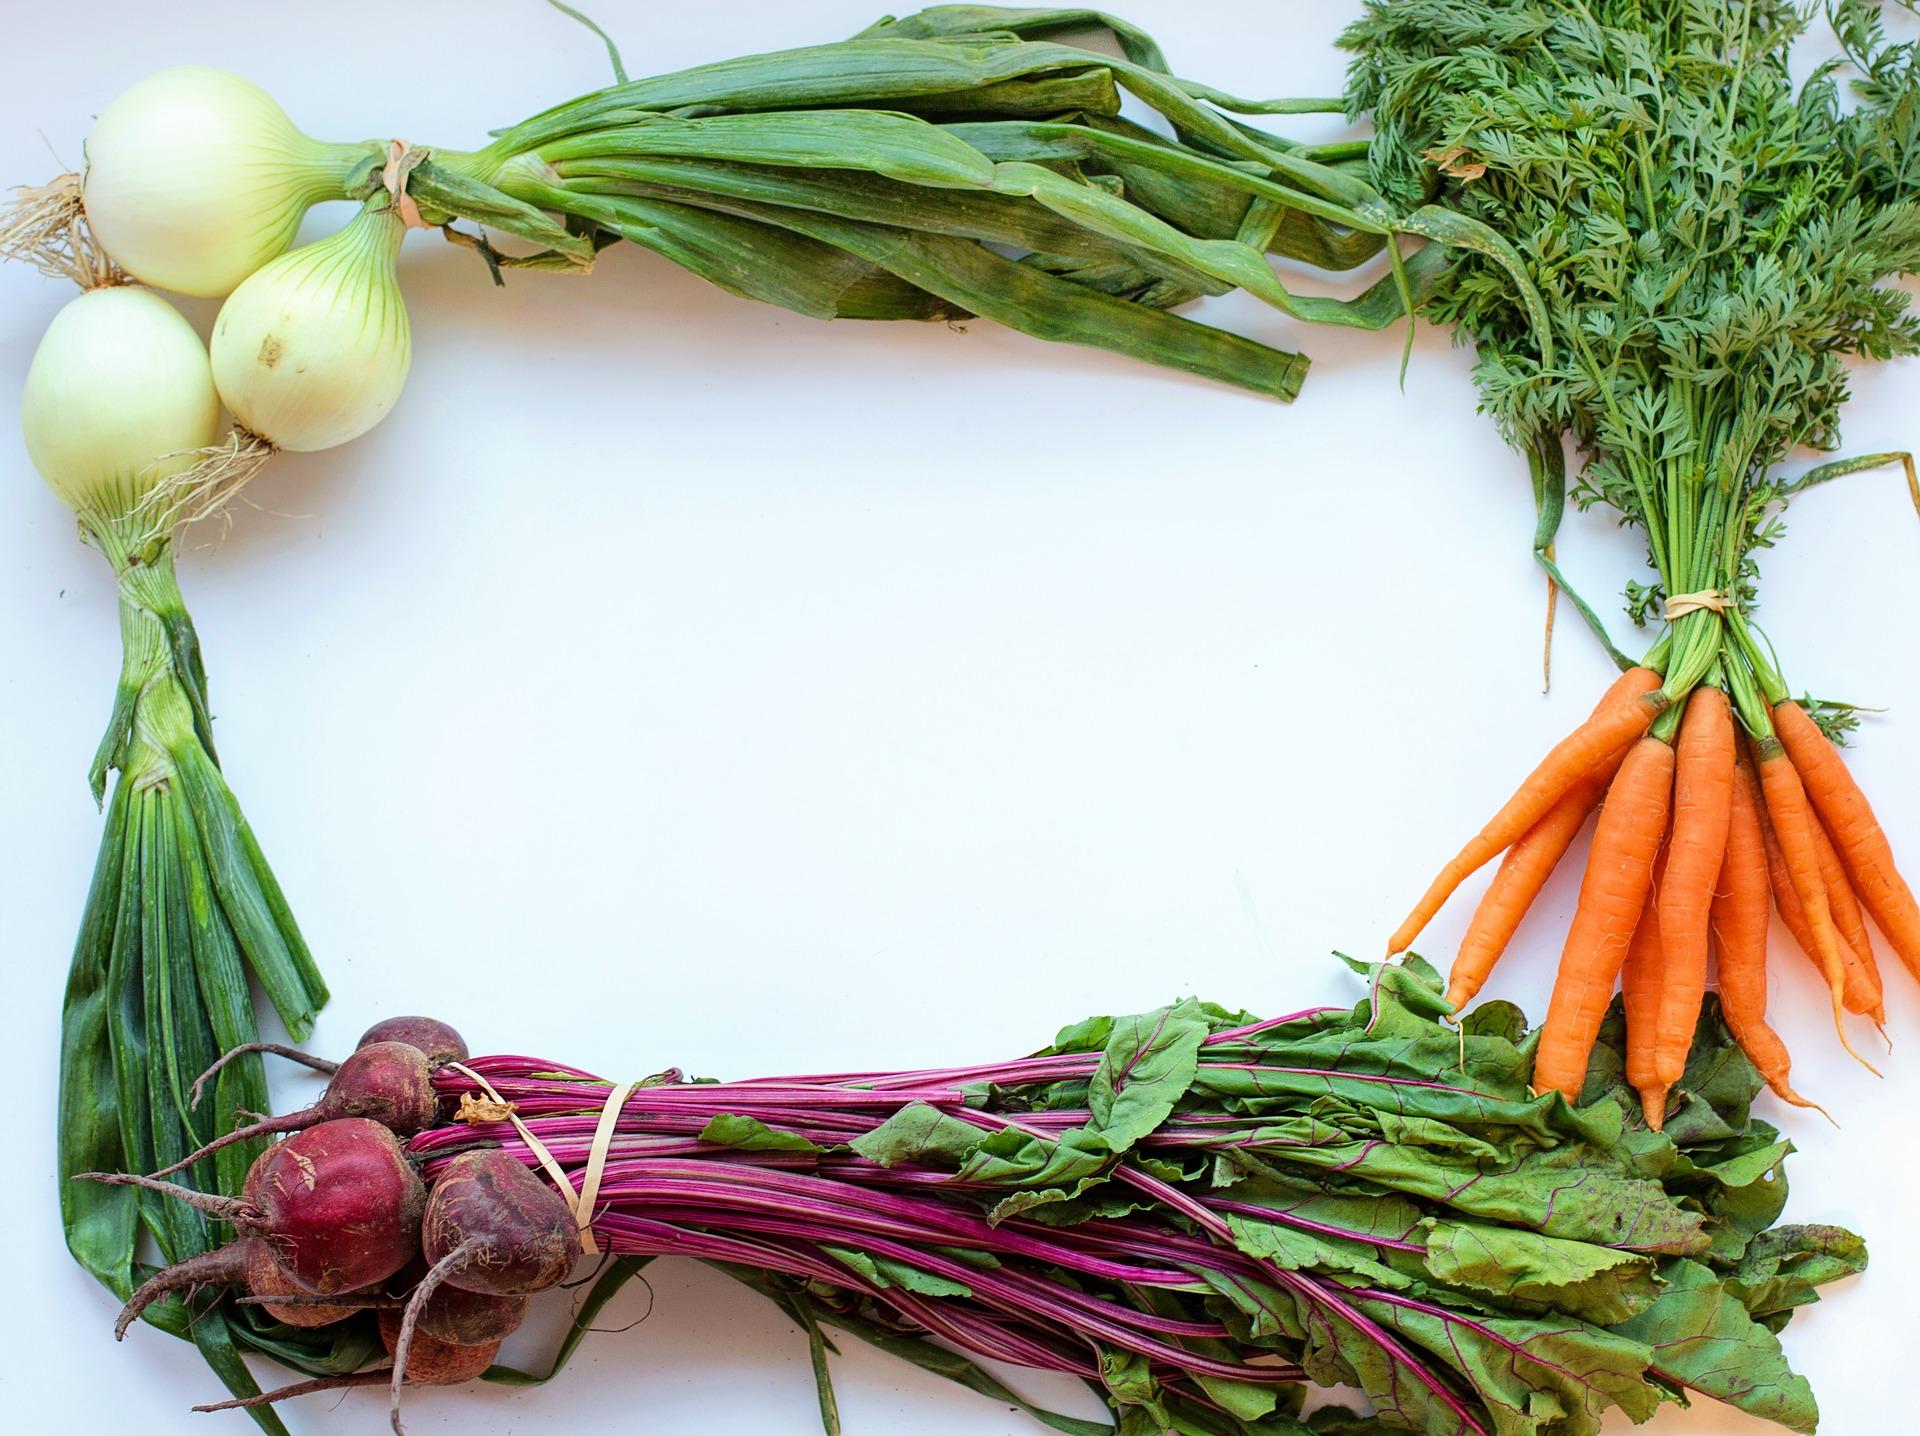 vegetables-2485048_1920